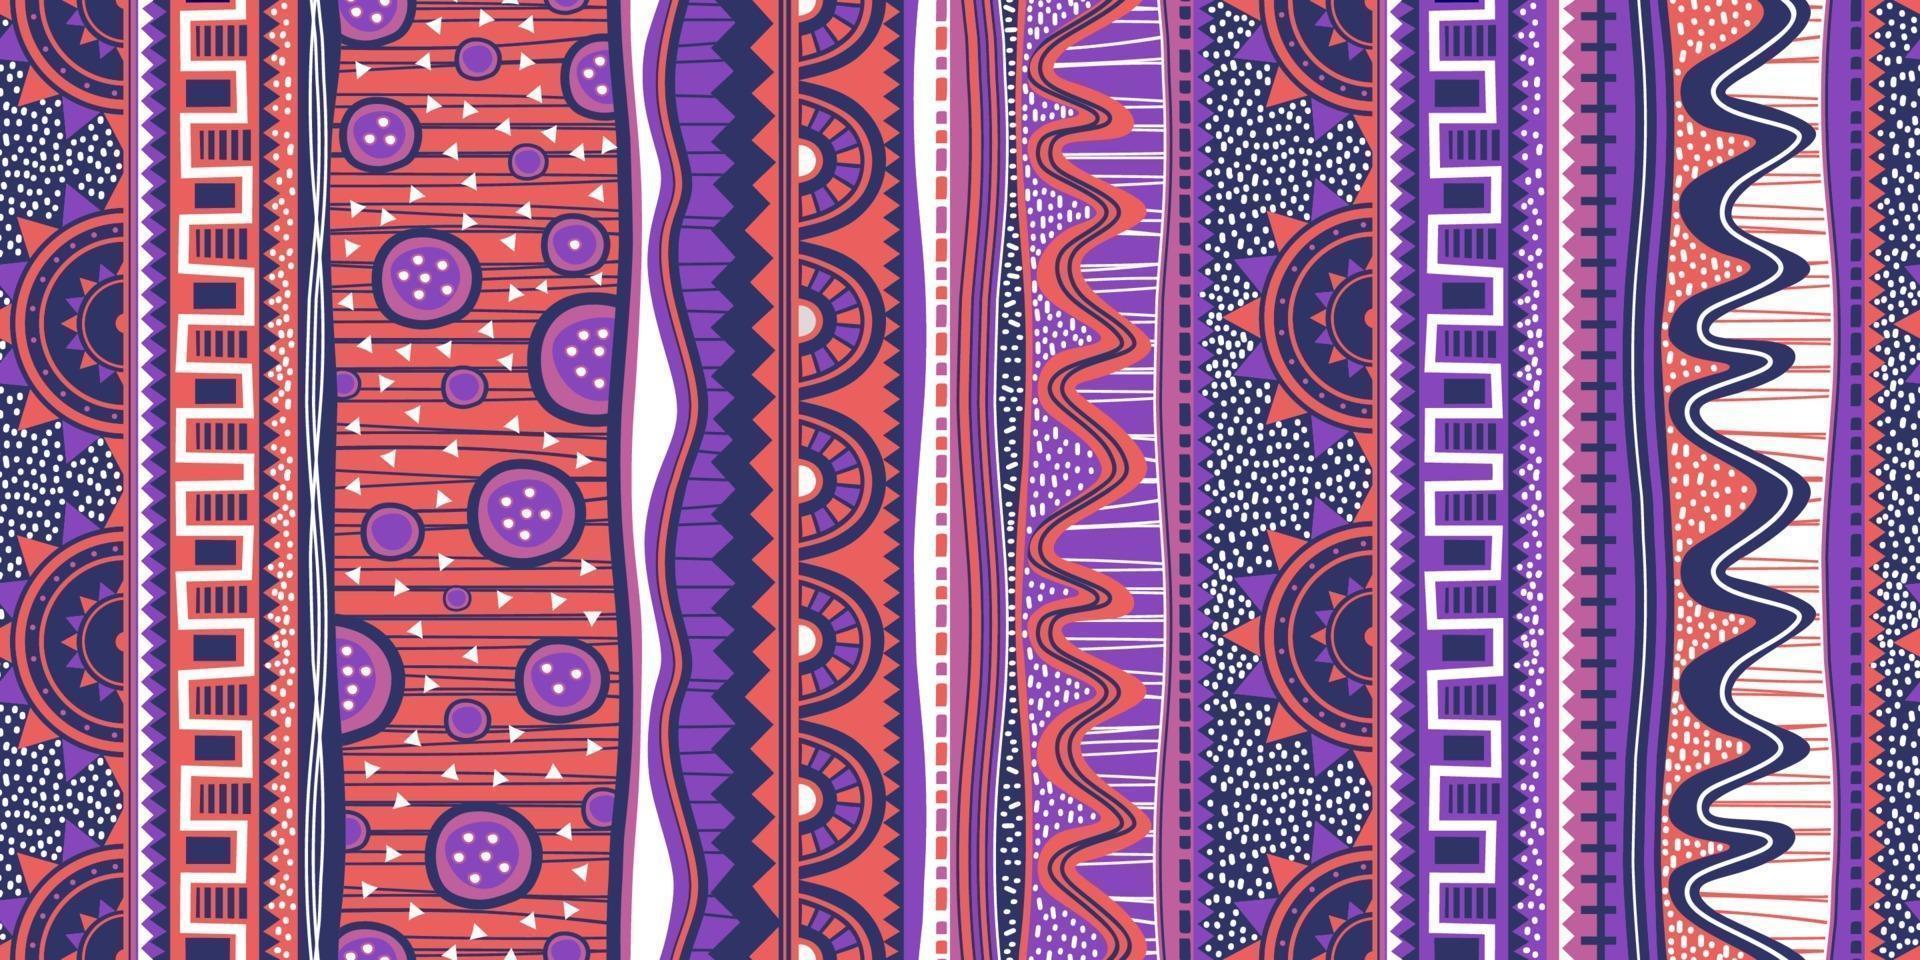 modello etnico senza soluzione di continuità. colorato indiano, design nativo americano, navajo. motivo messicano, ornamento di motivi batik azteco, illustrazione vettoriale pronta per la stampa.